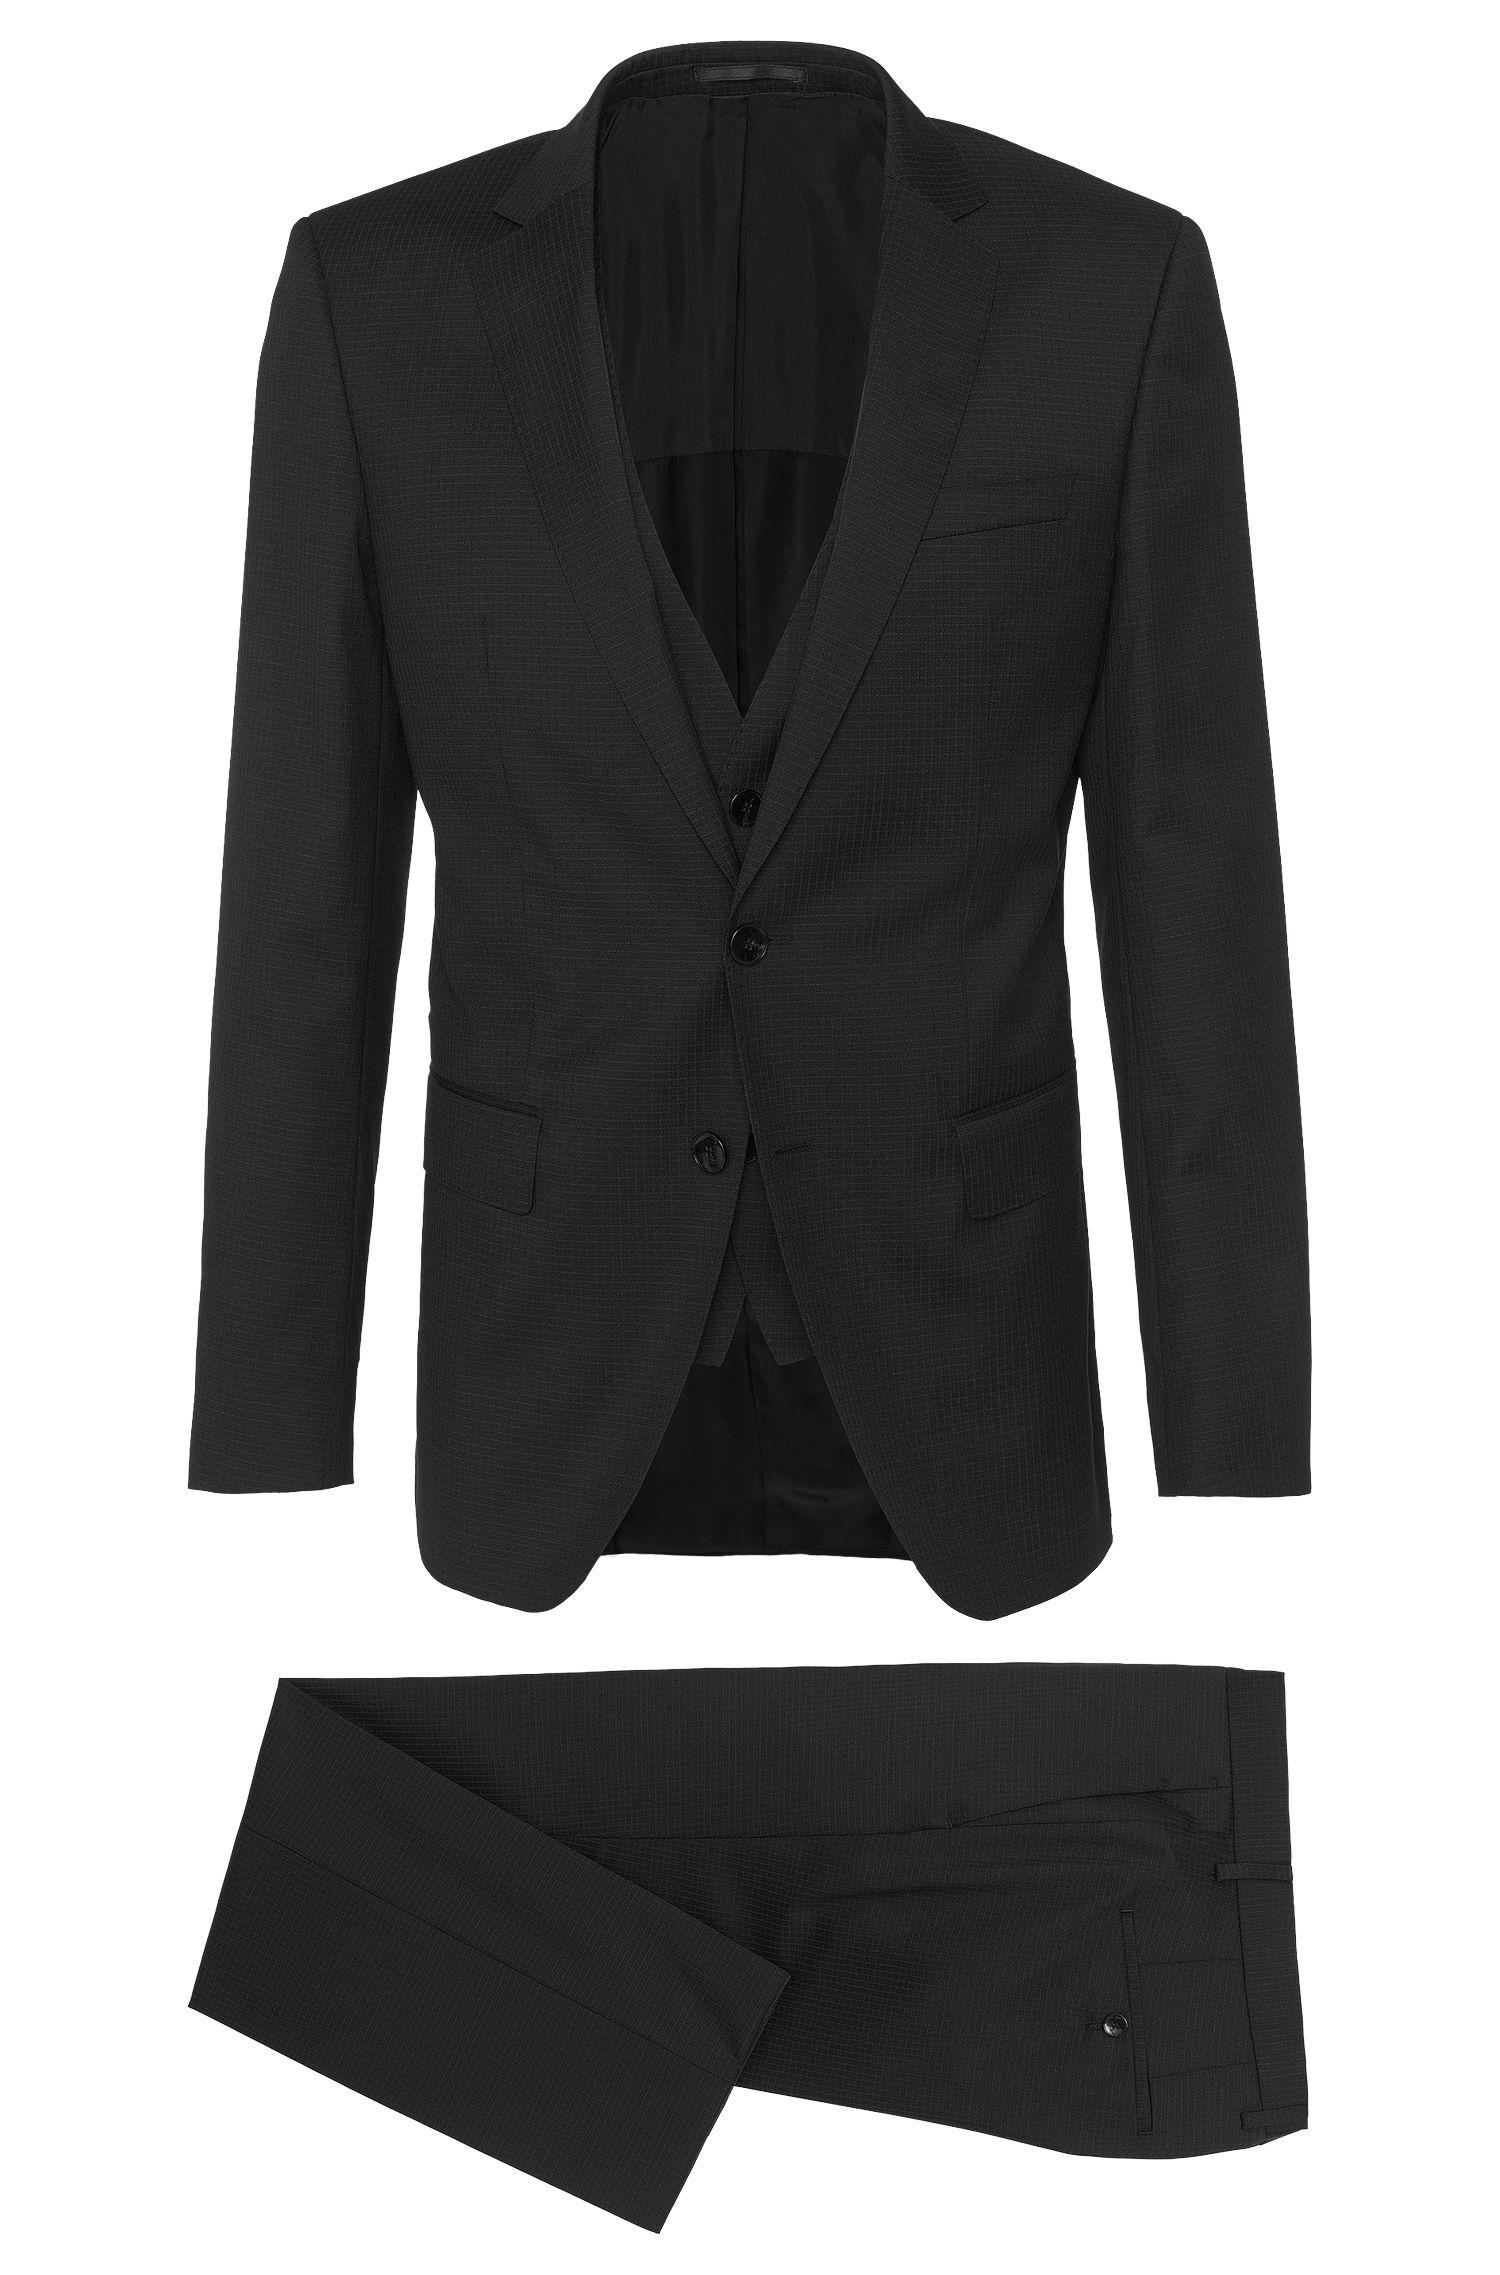 'Huge/Genius WE' | Slim Fit, Super 100 Virgin Wool 3-Piece Suit